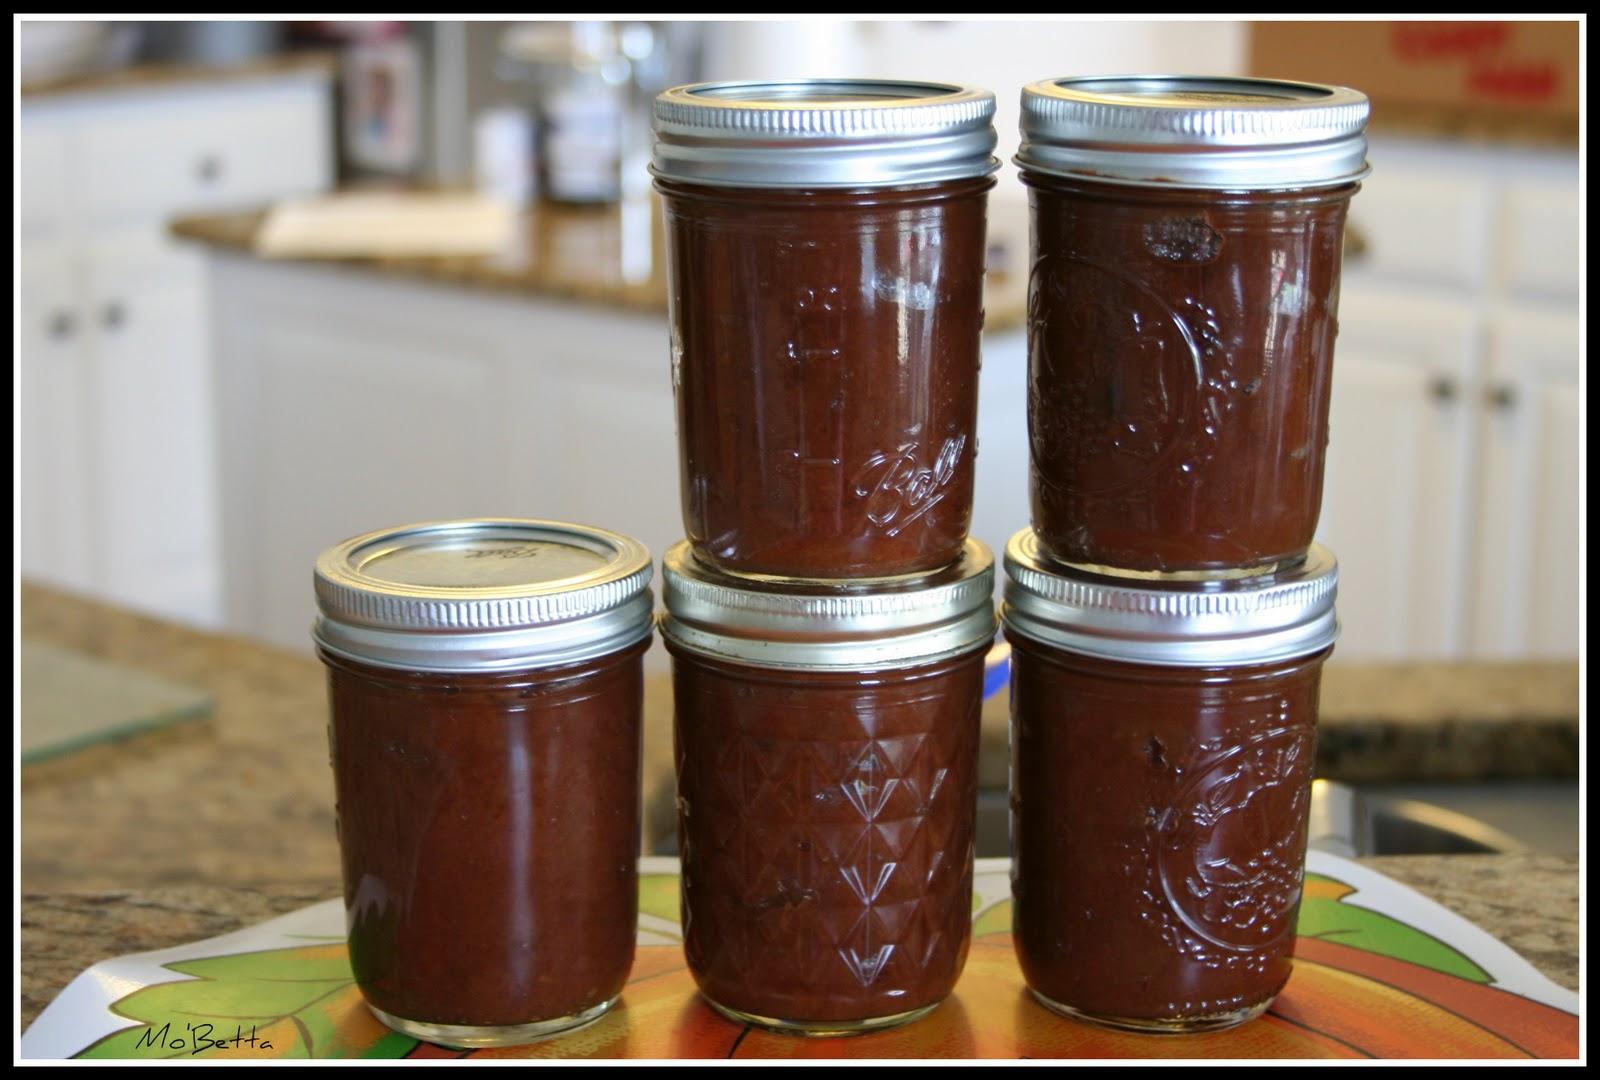 Makin' it Mo' Betta: Super Easy Apple Butter in the Crockpot